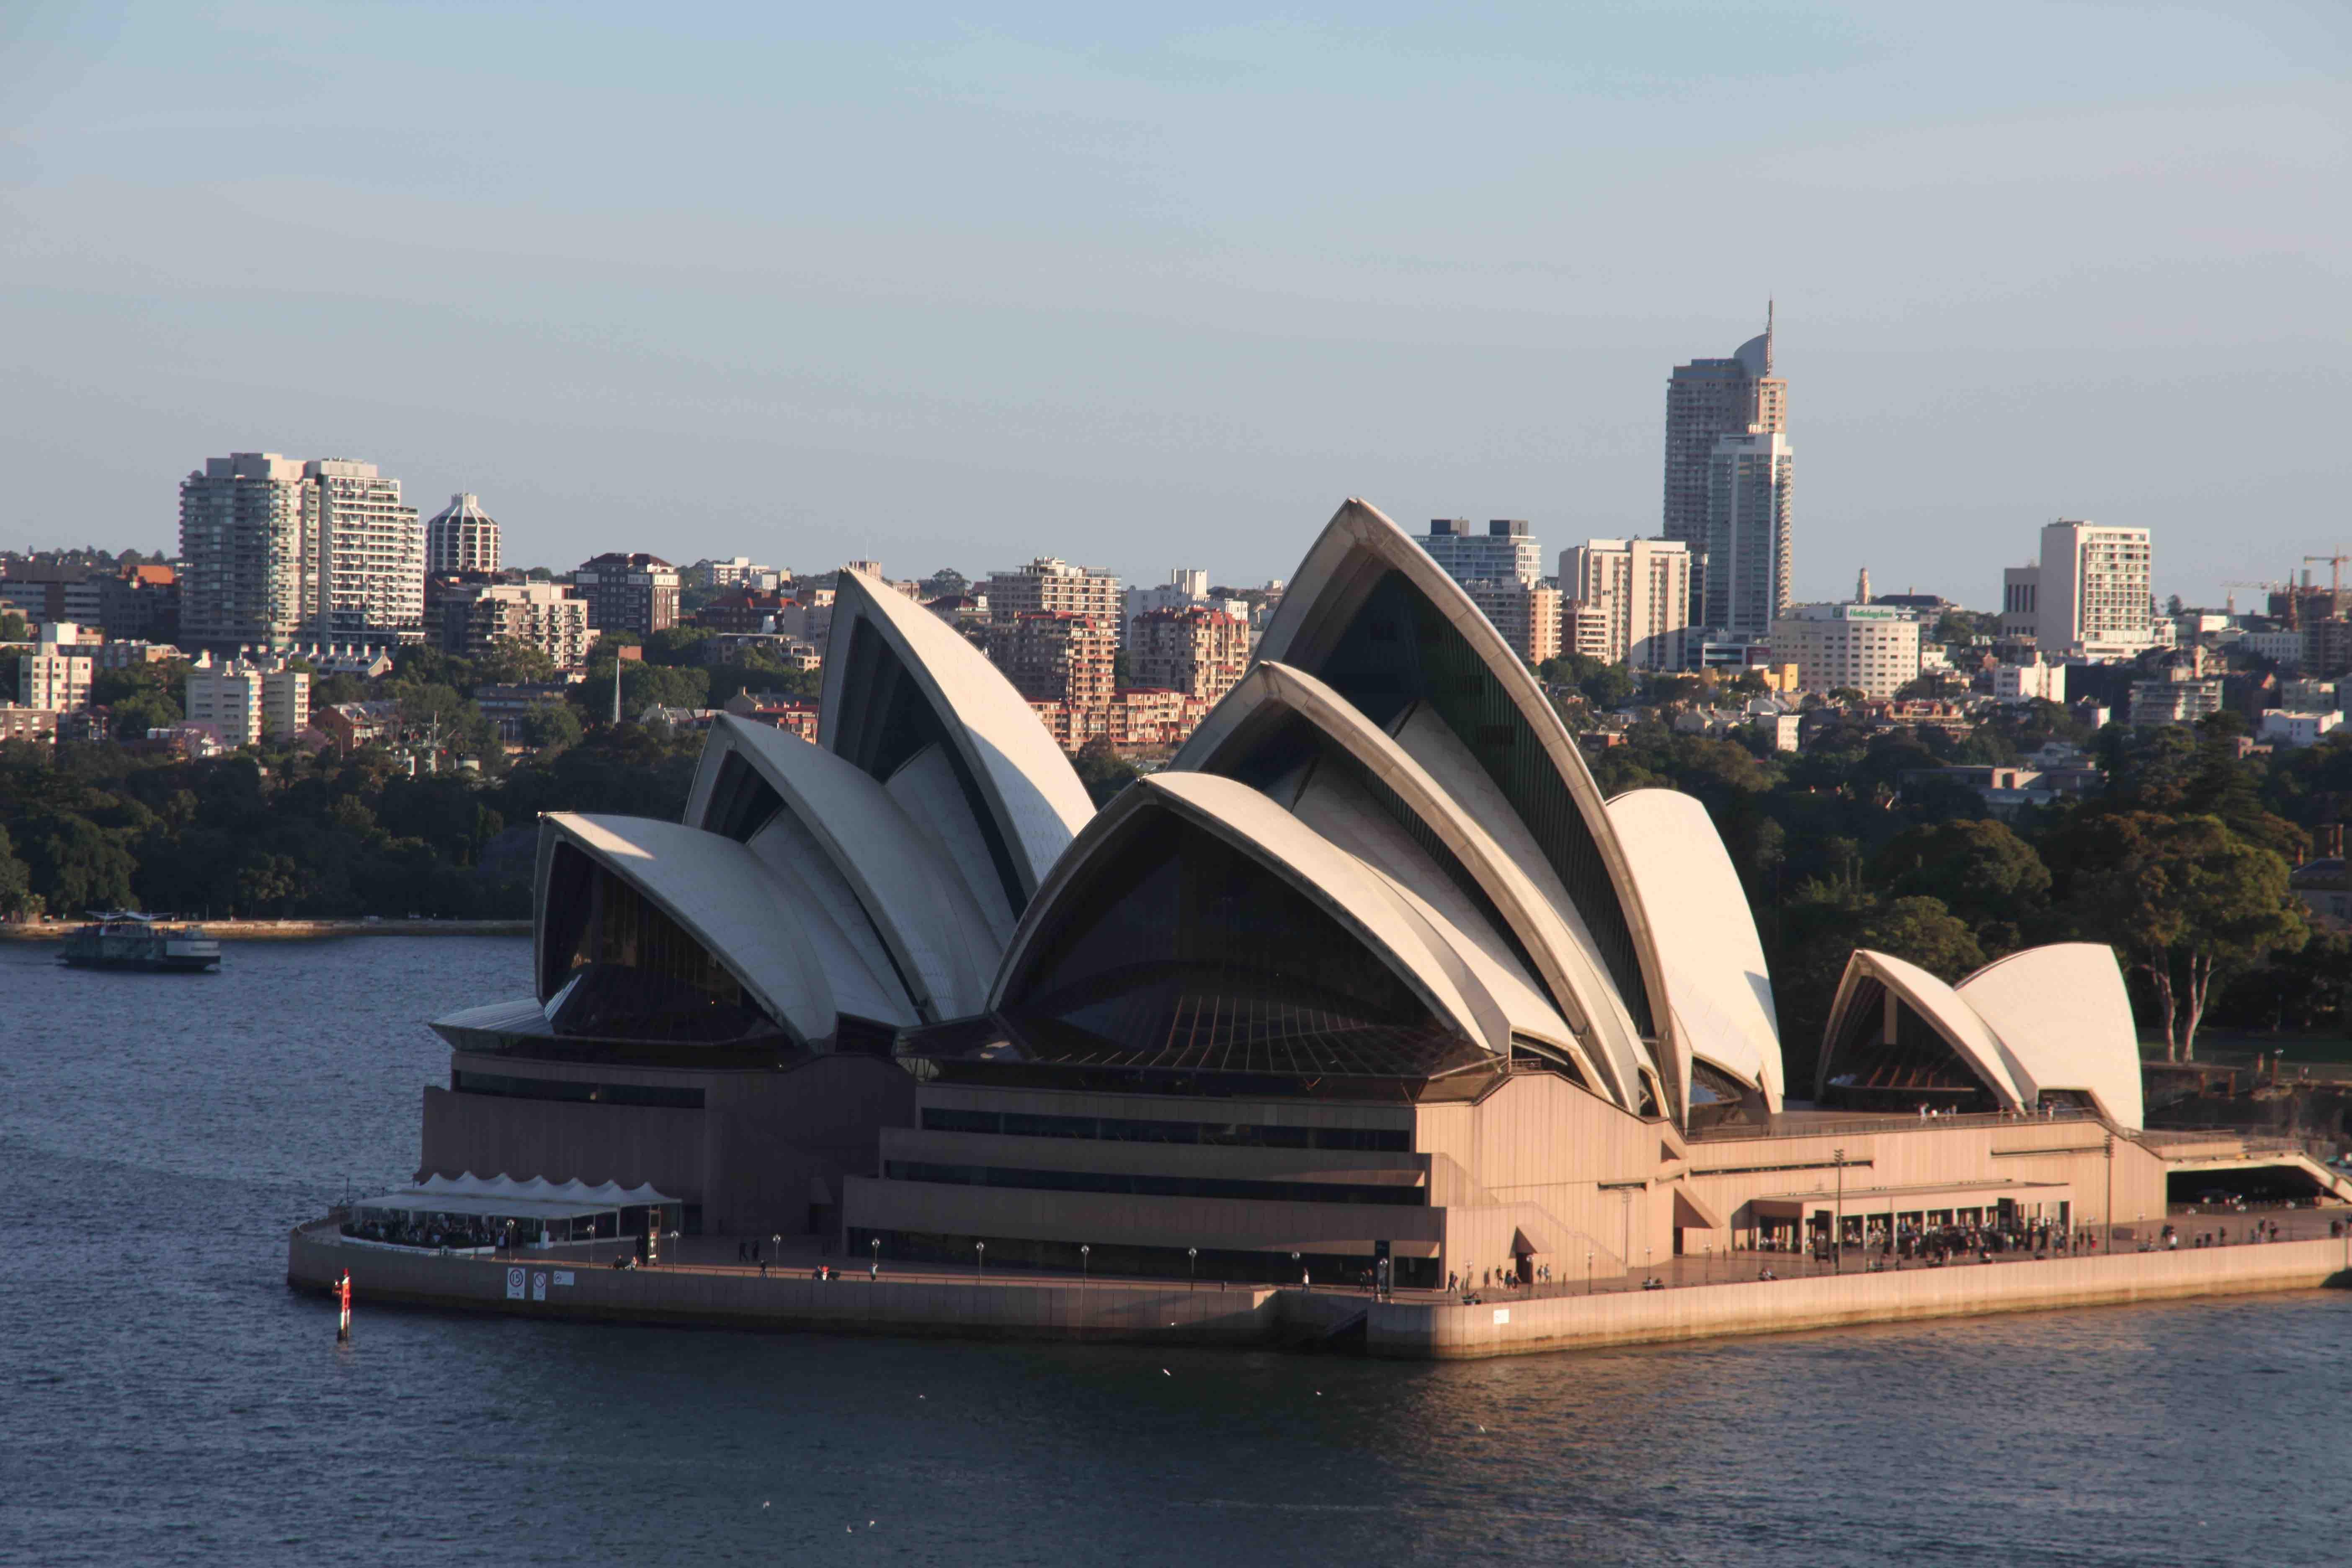 オーストラリアに行く日本人旅行者の増加続く、2017年は4%増の43万人に、航空路線の拡充が追い風